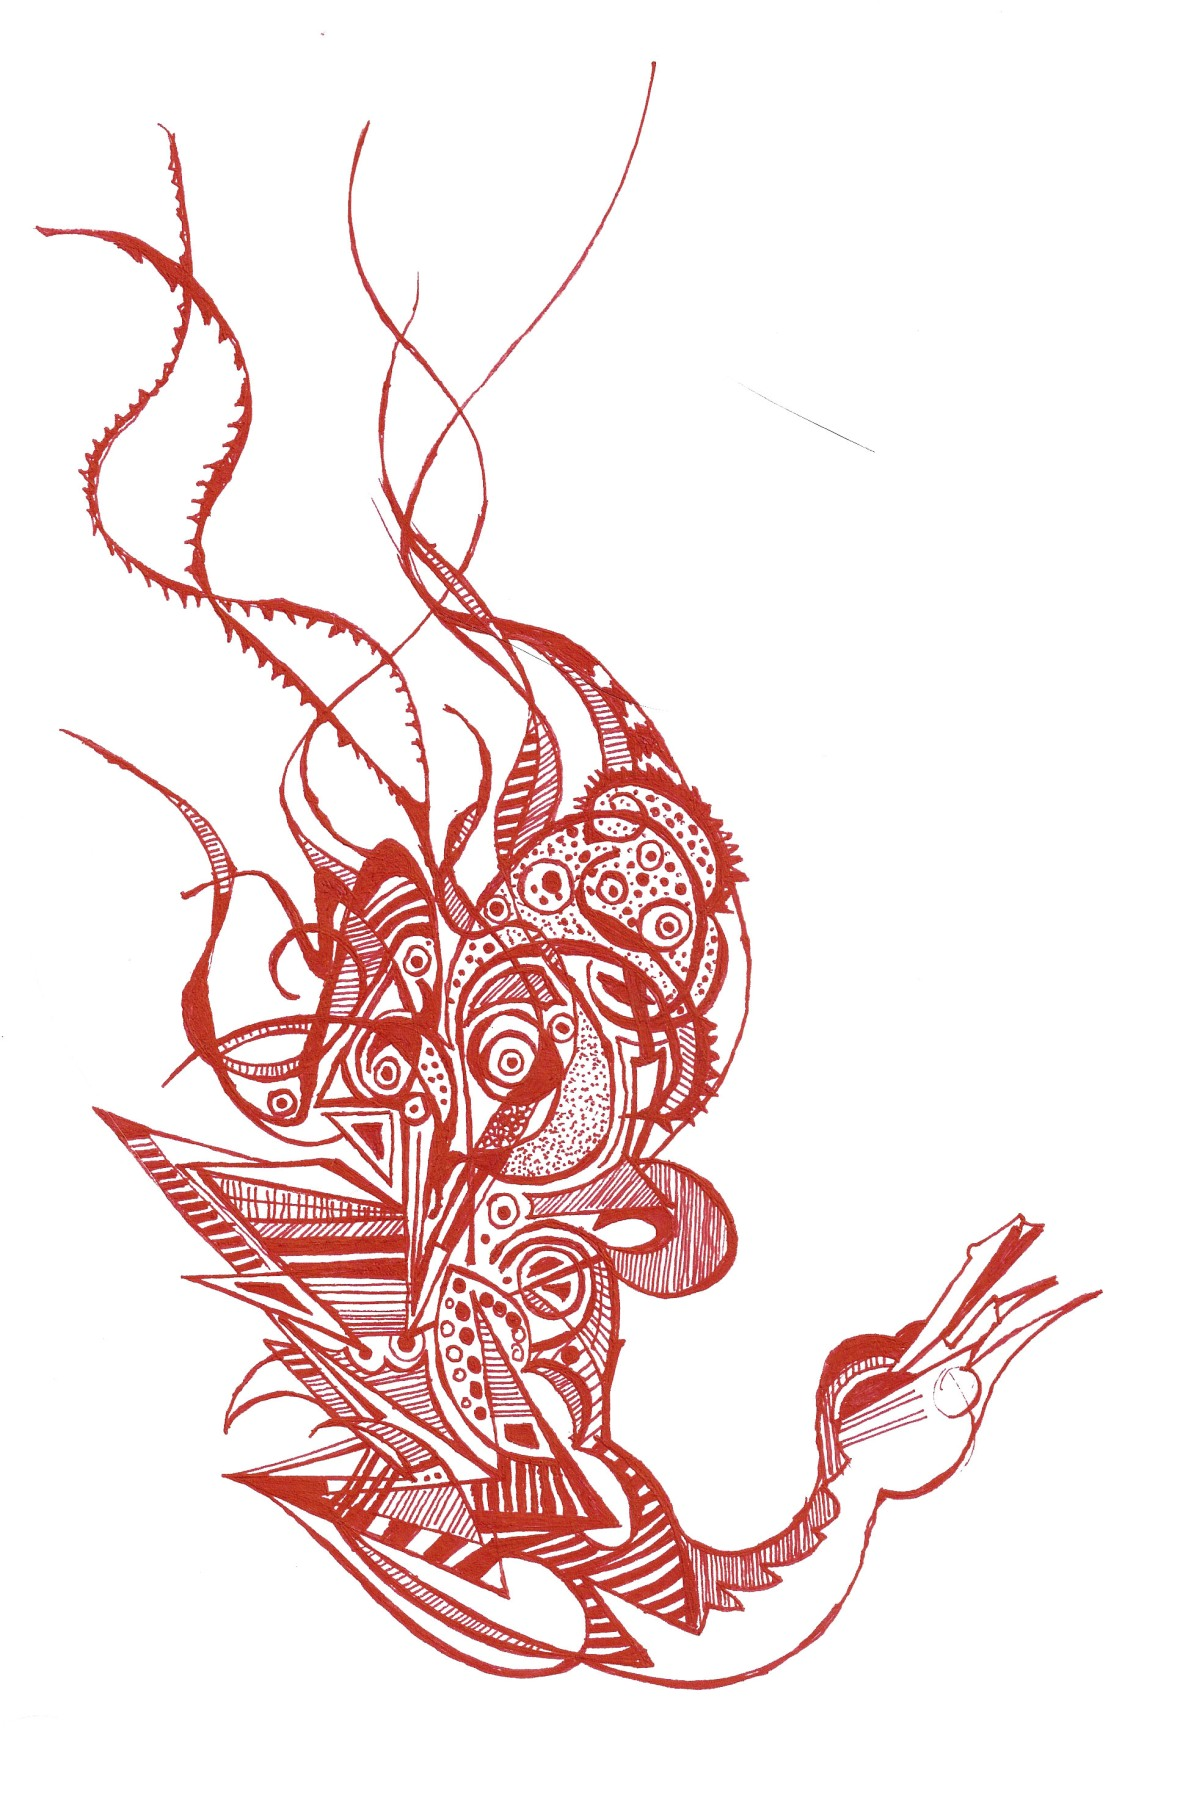 bapf-meeting-doodle-2-copy2